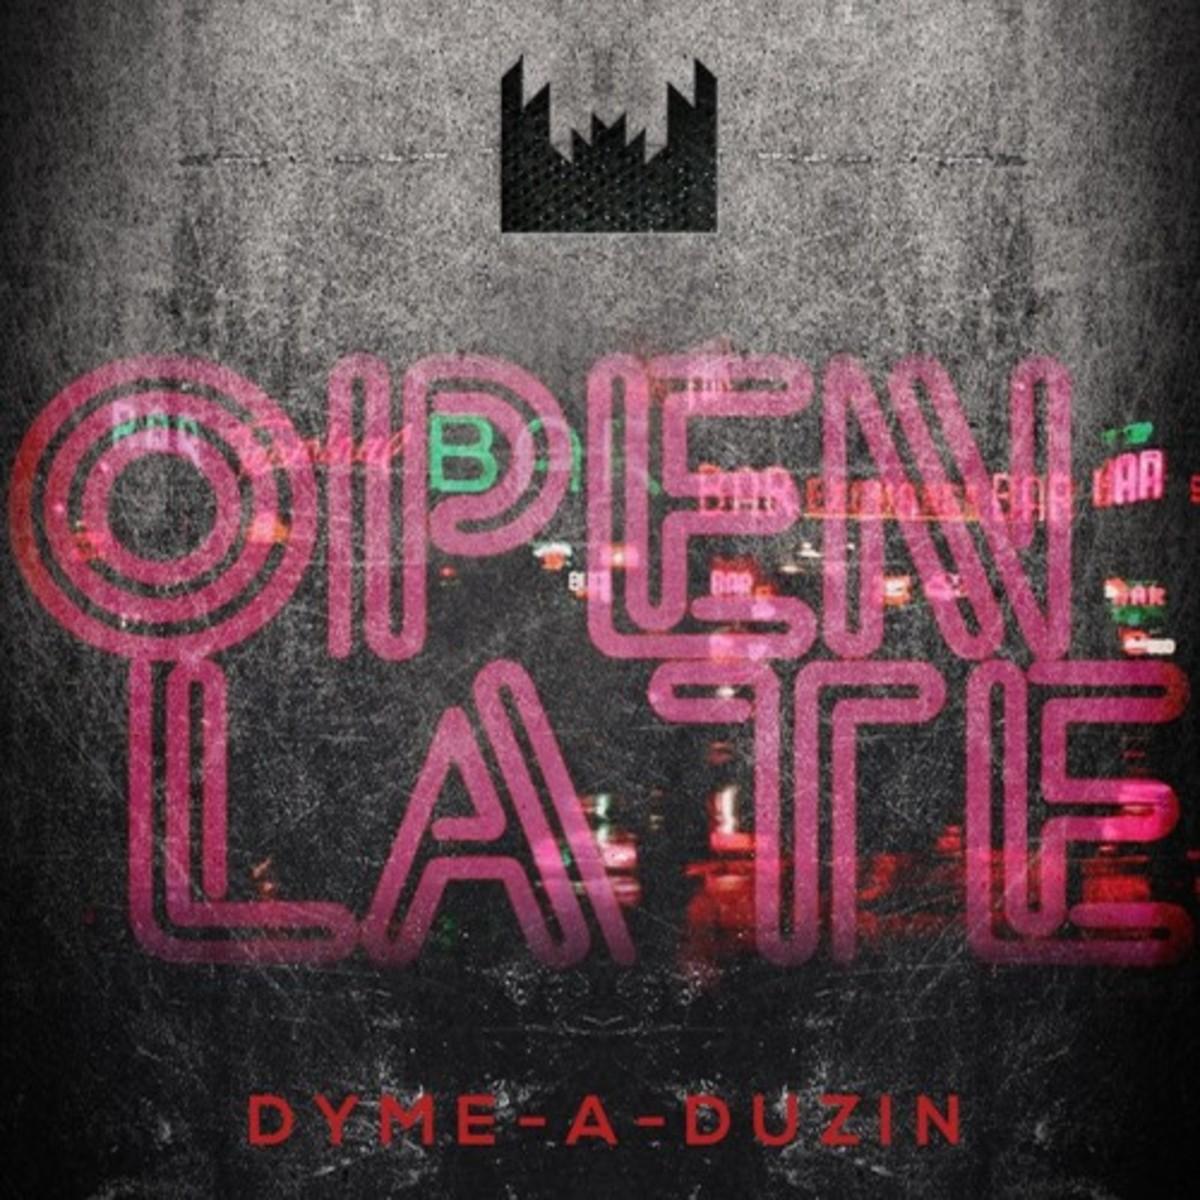 dyme-a-duzin-open-late.jpg